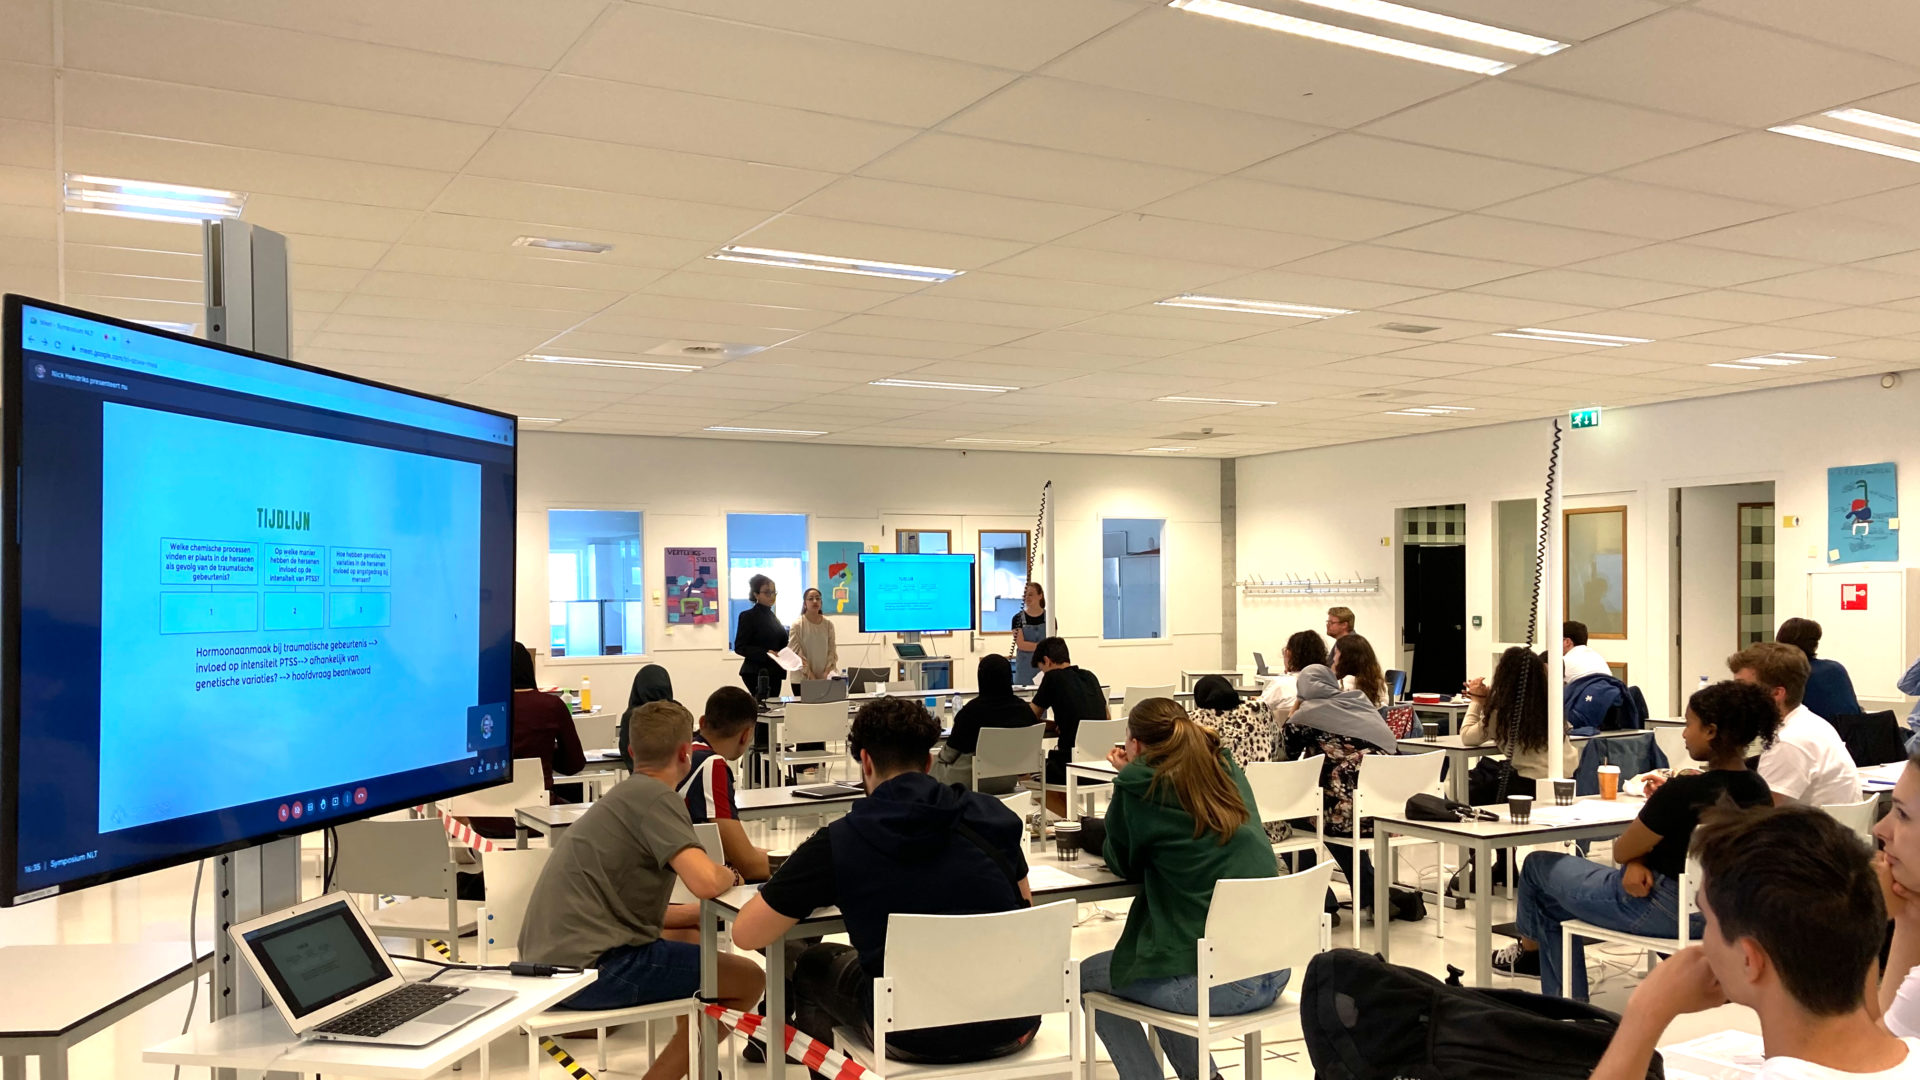 NLT symposium op het IJburg College